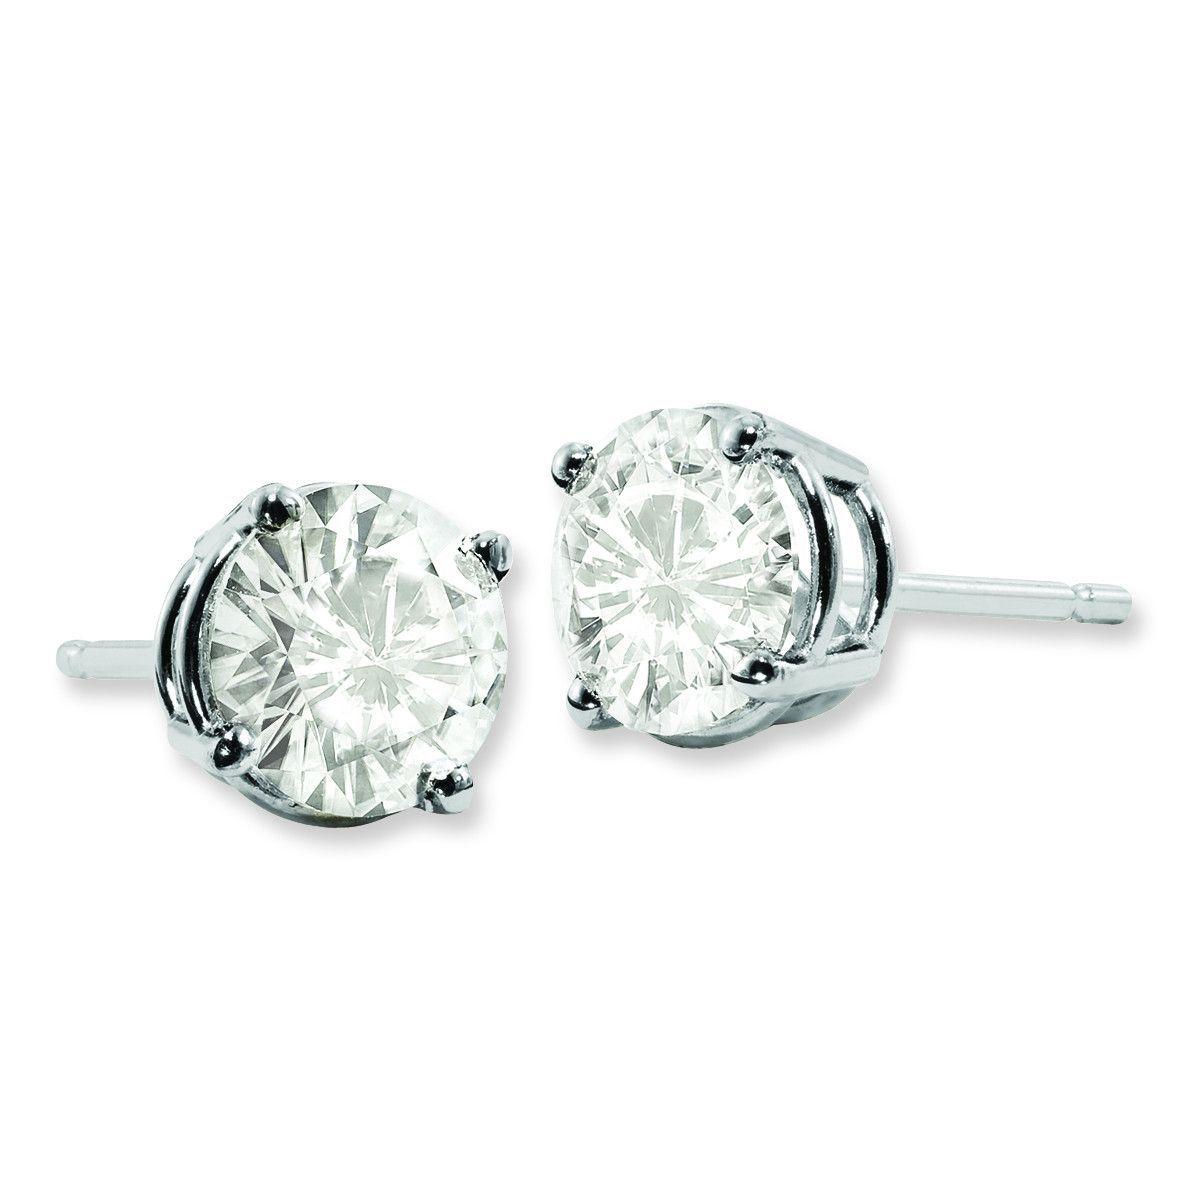 14K White Gold Moissanite 9mm Round Screwback Earrings